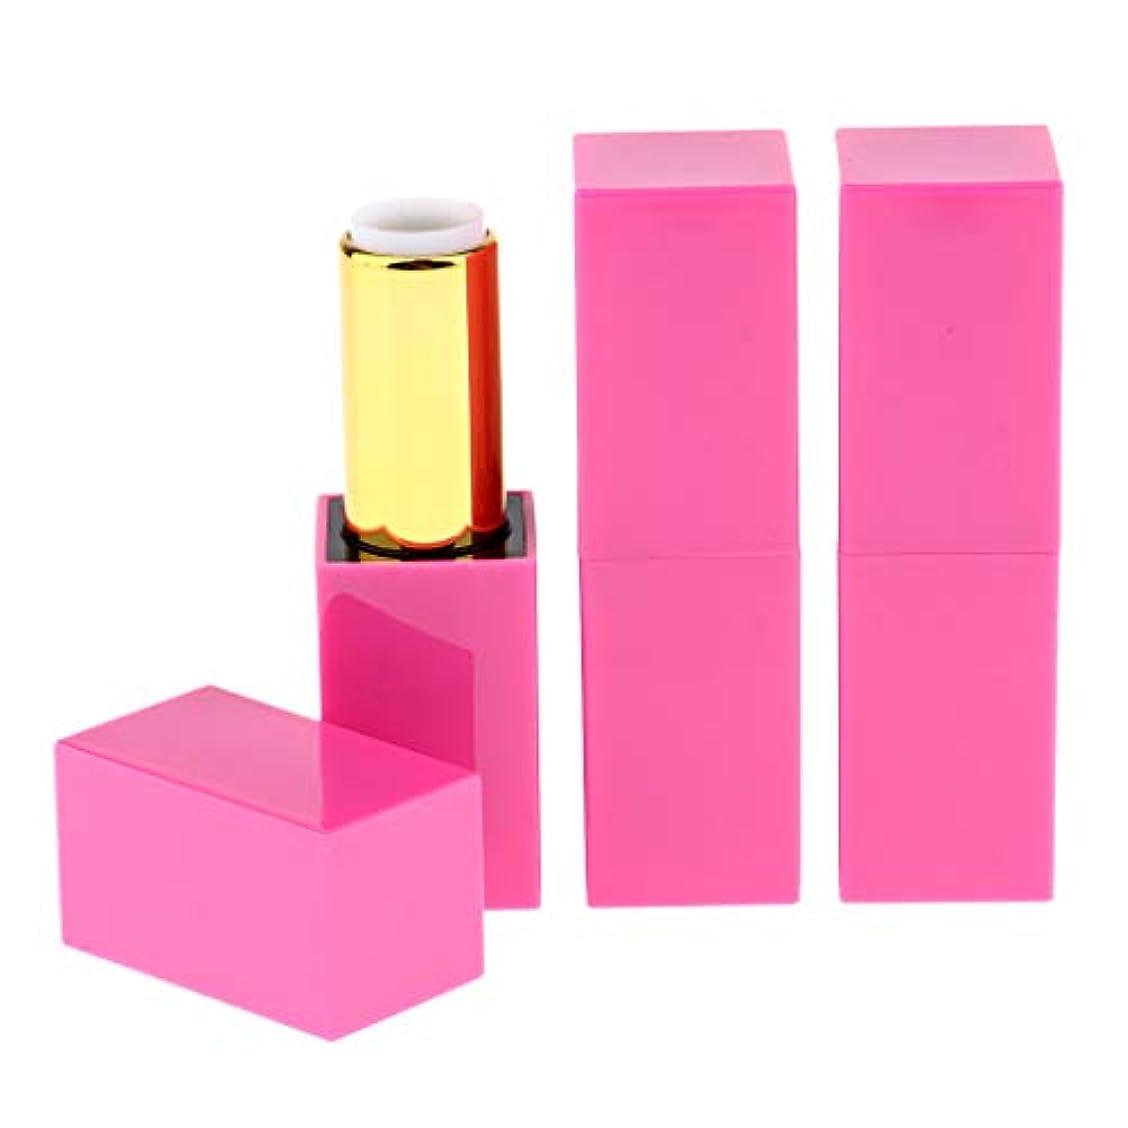 歌う排気初期化粧チューブ 空の口紅チューブ リップグロスチューブ リップクリーム容器 3個セット